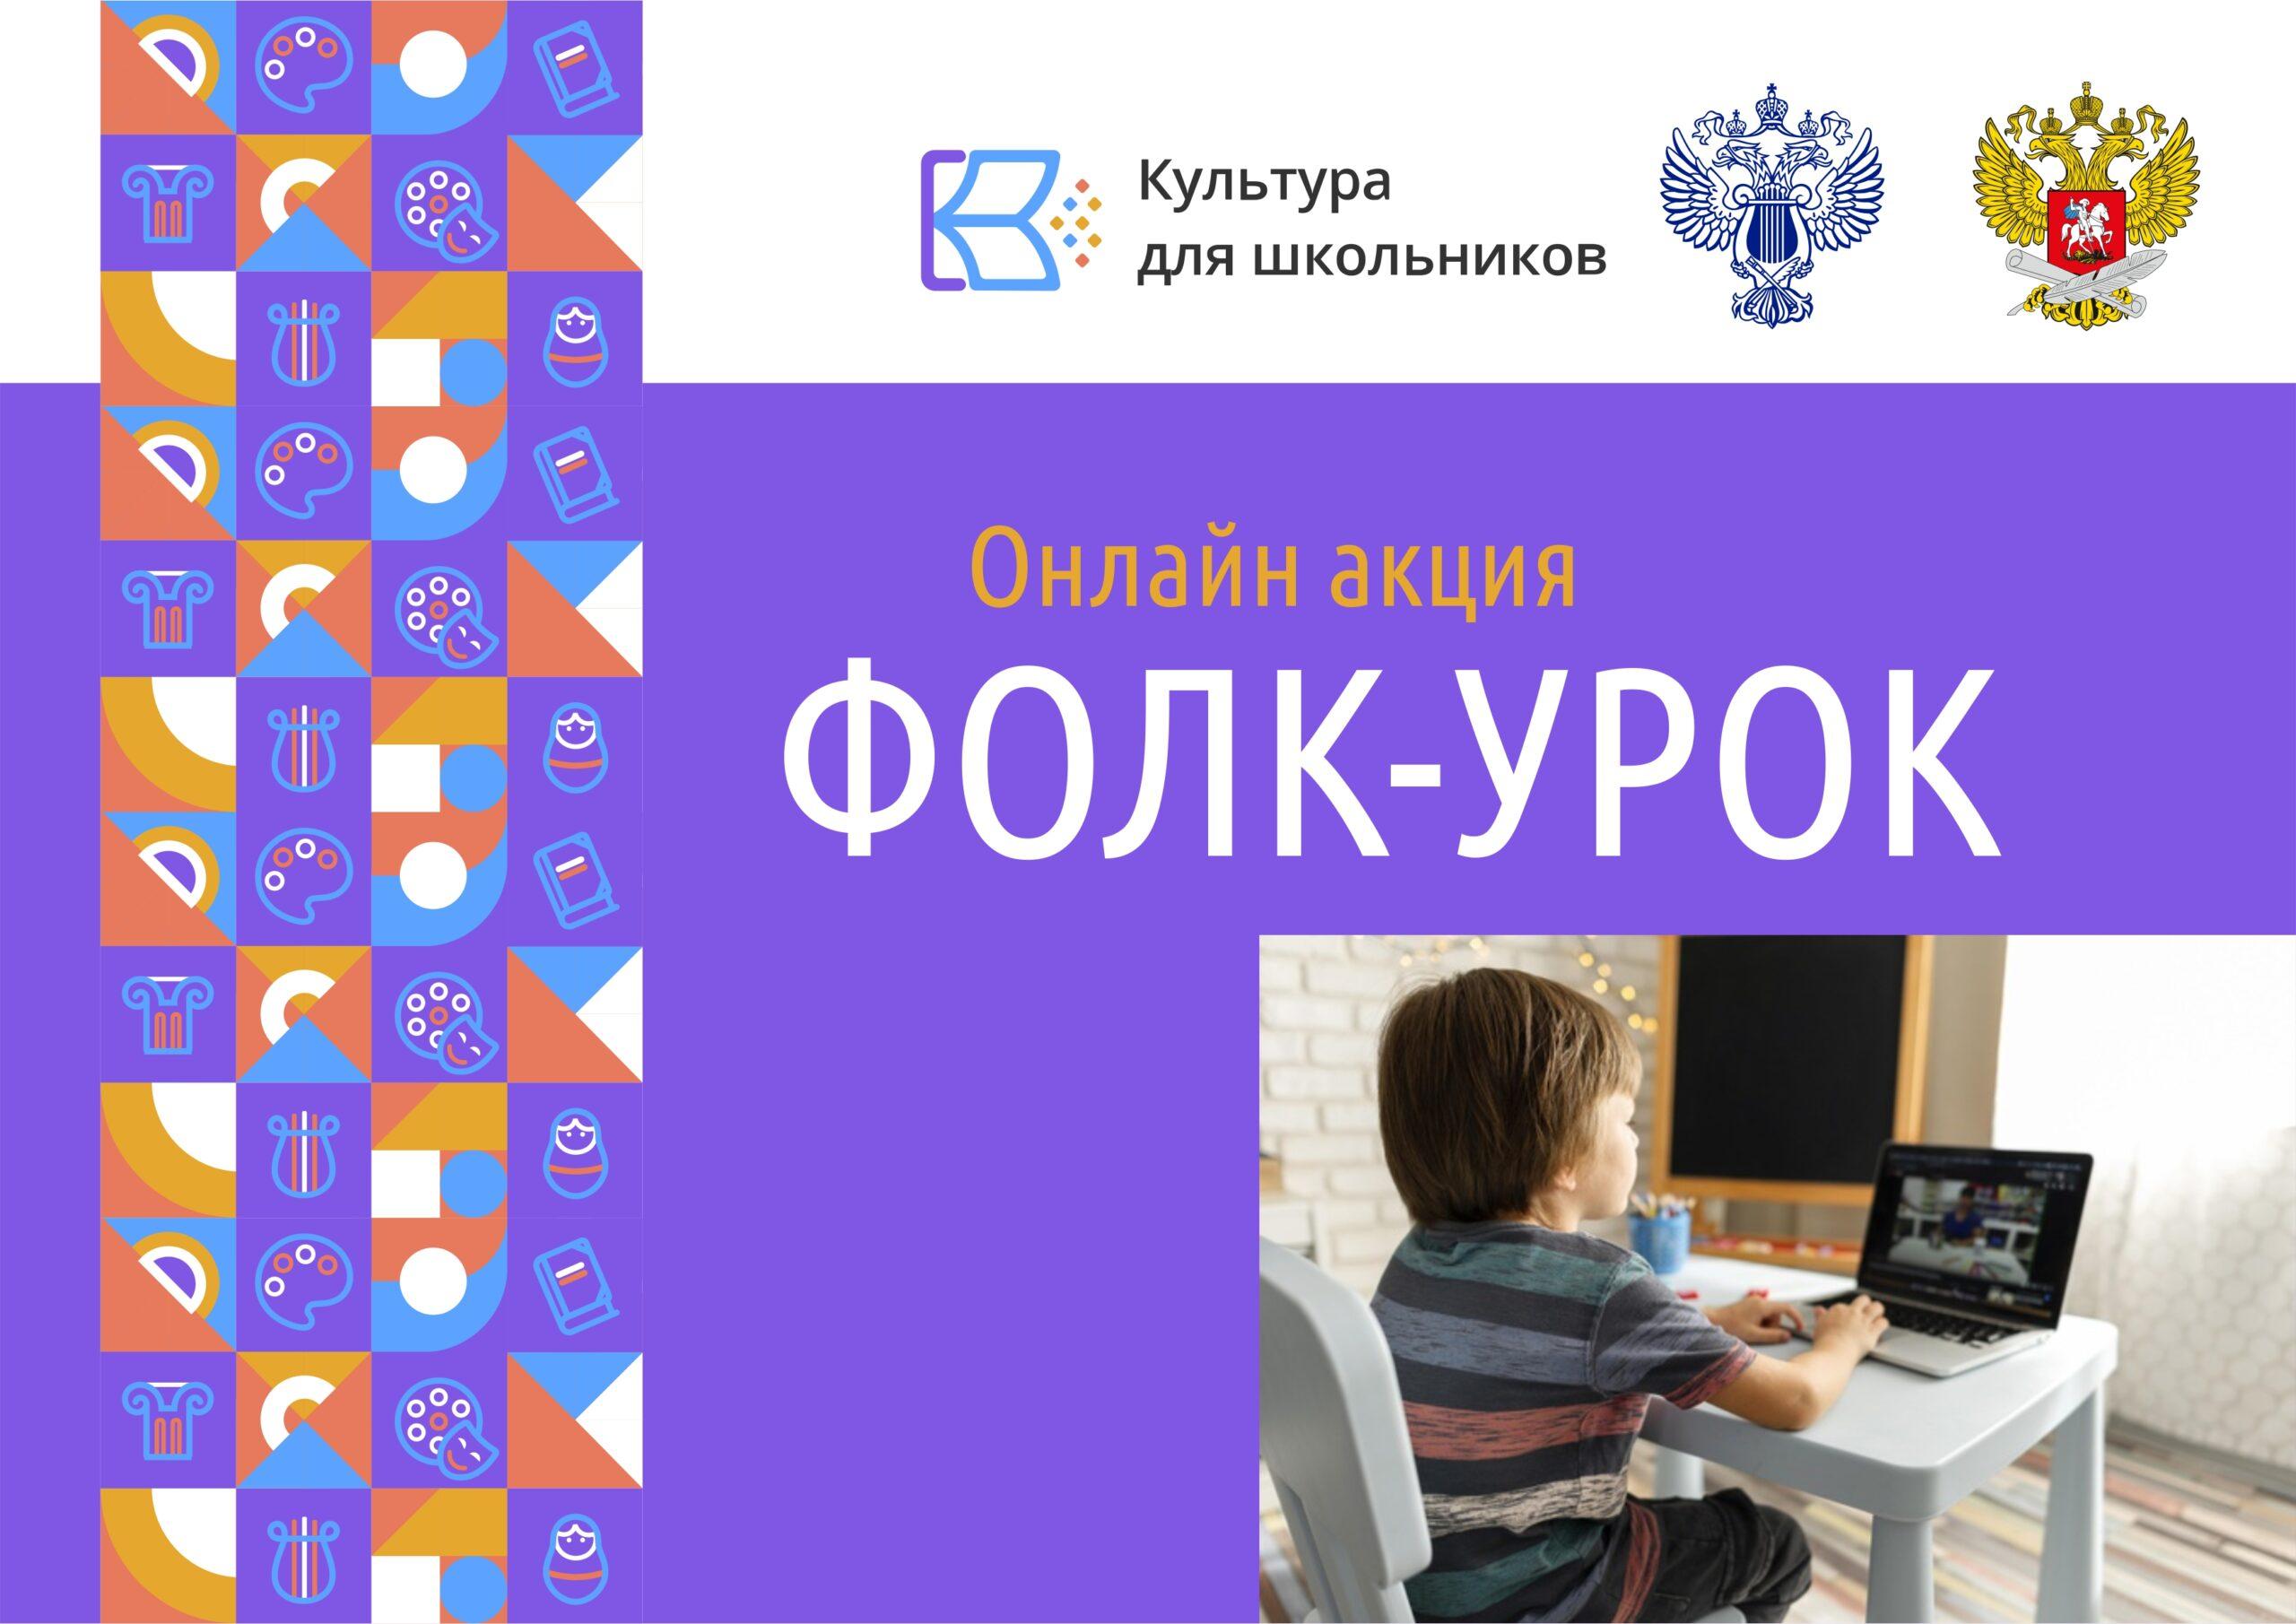 Астраханская область присоединится к онлайн акции «Фолк-урок»